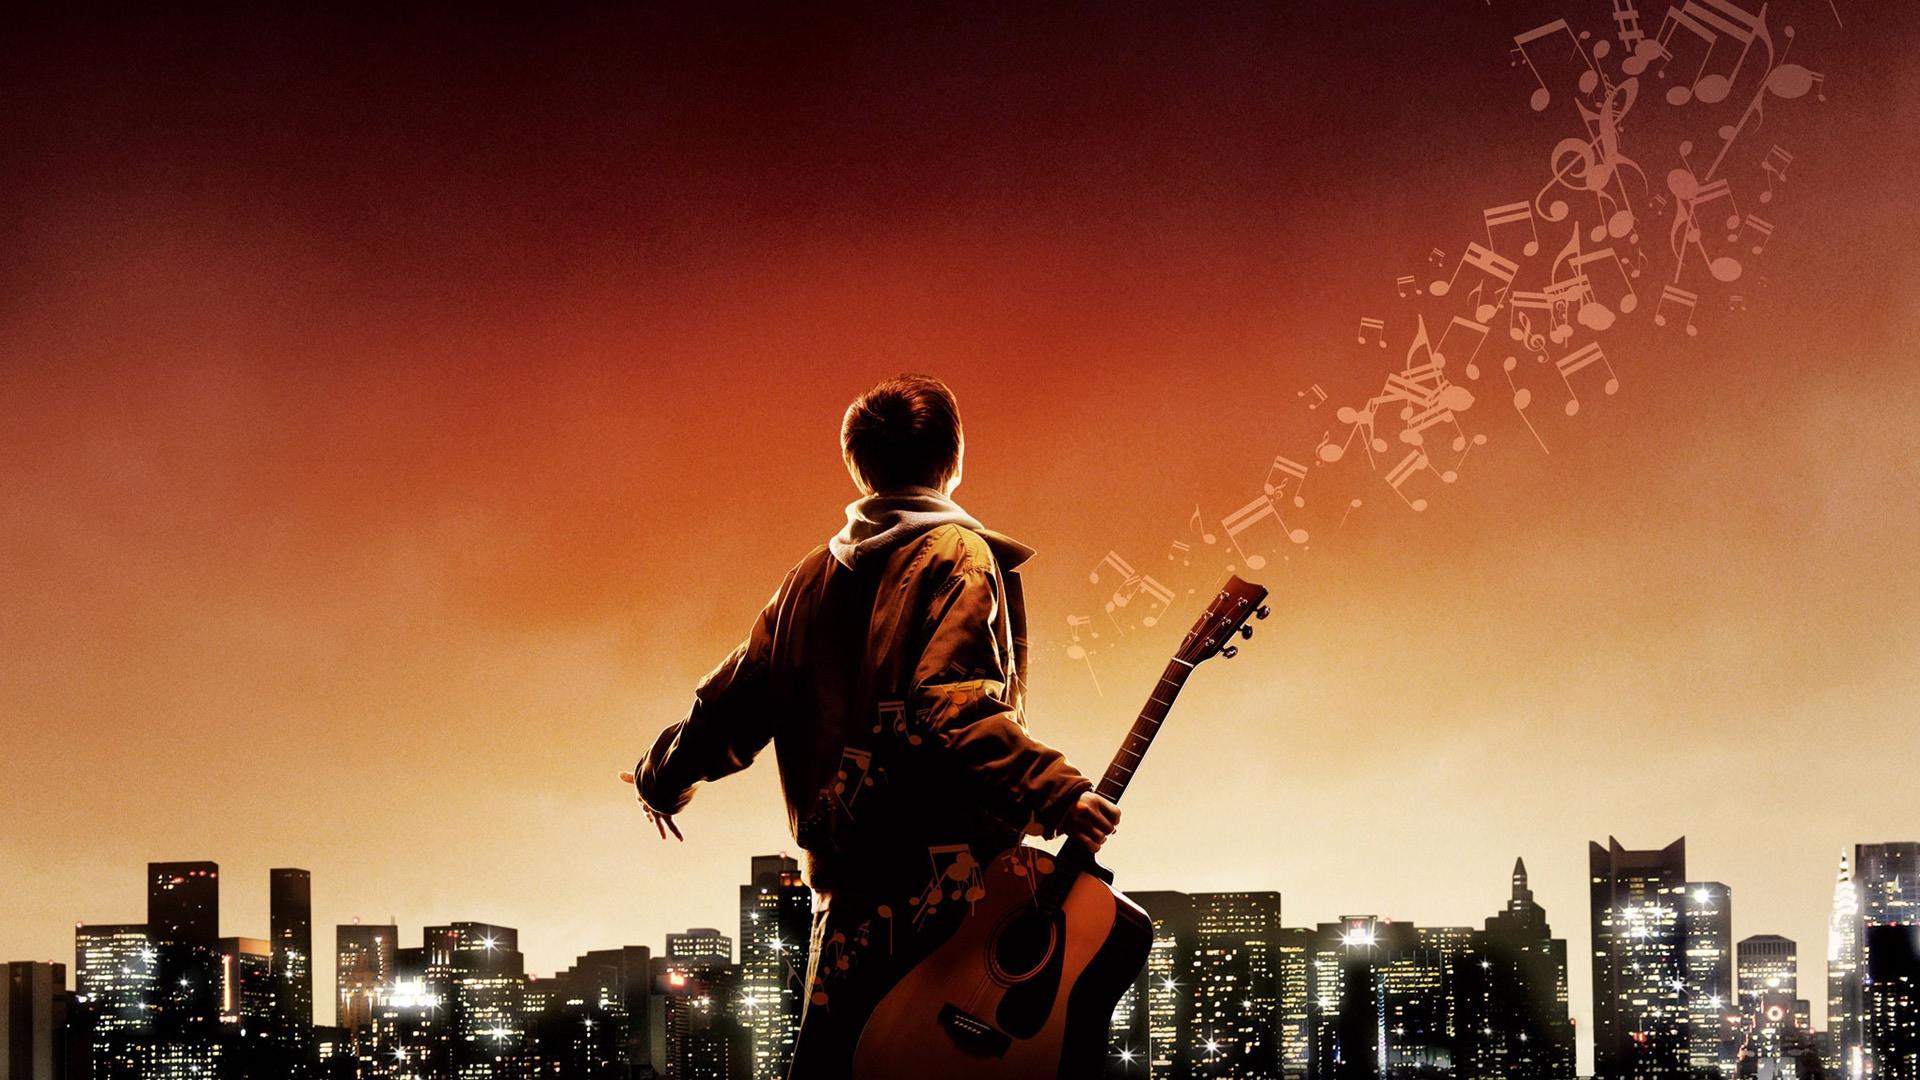 hinh nen guitar _guitarfc (6)